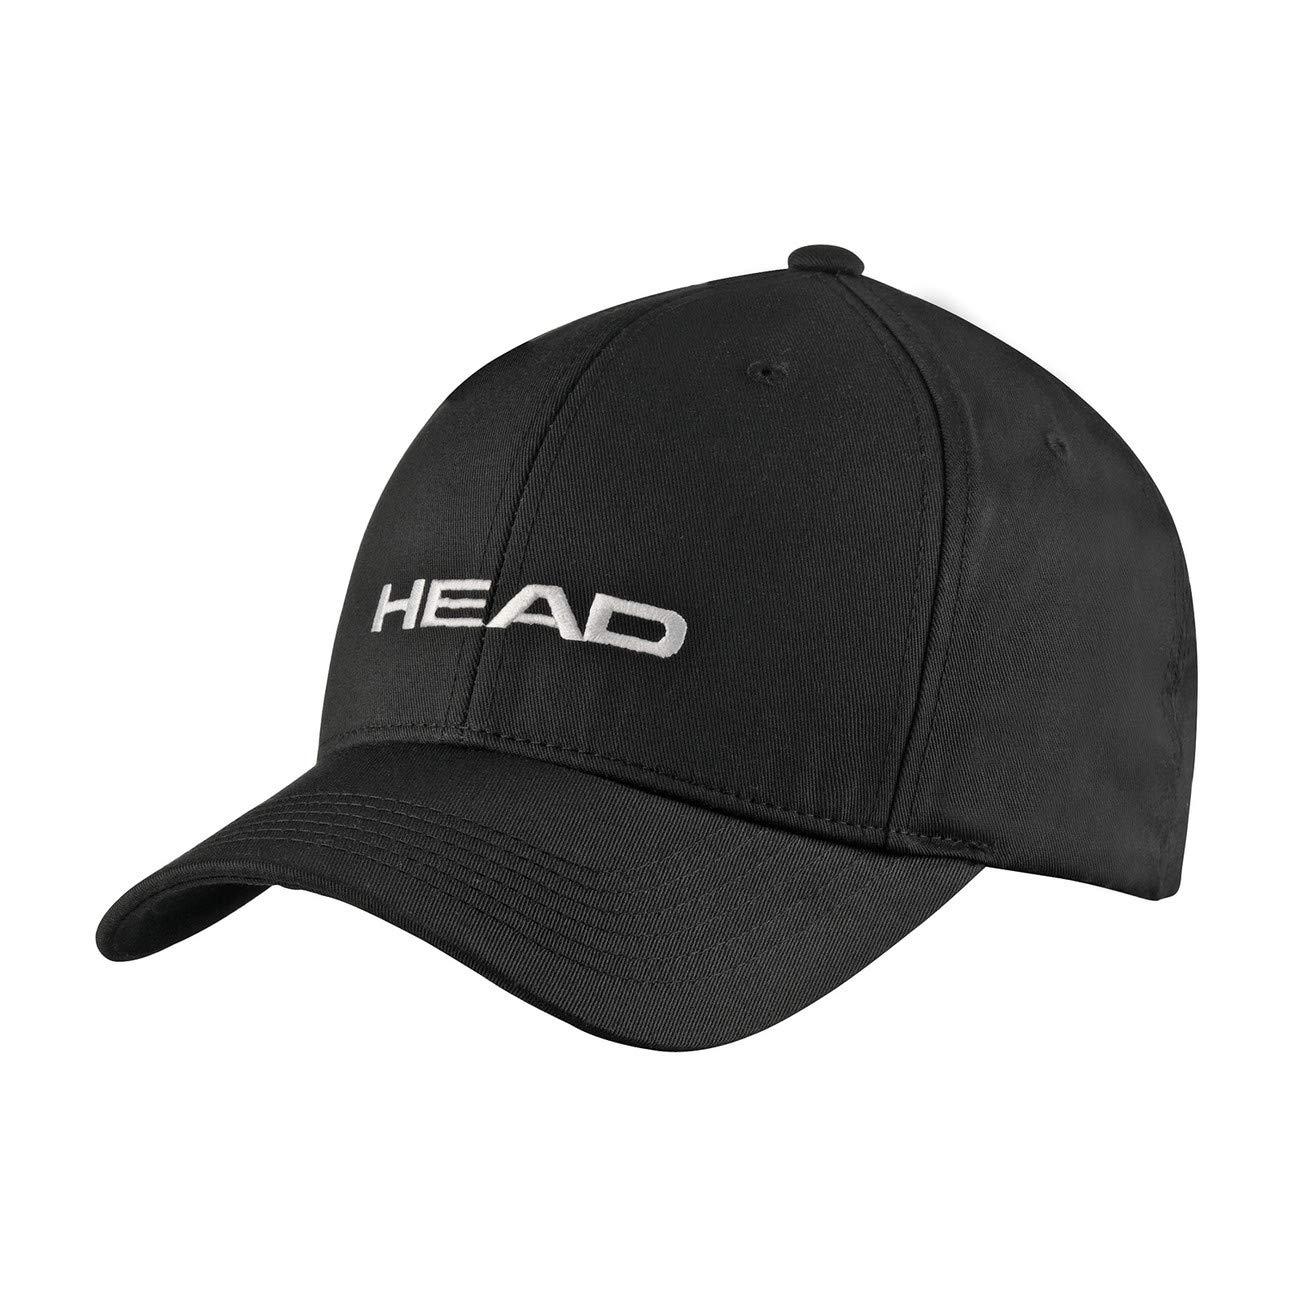 HEAD Cap Accessoire Mixte